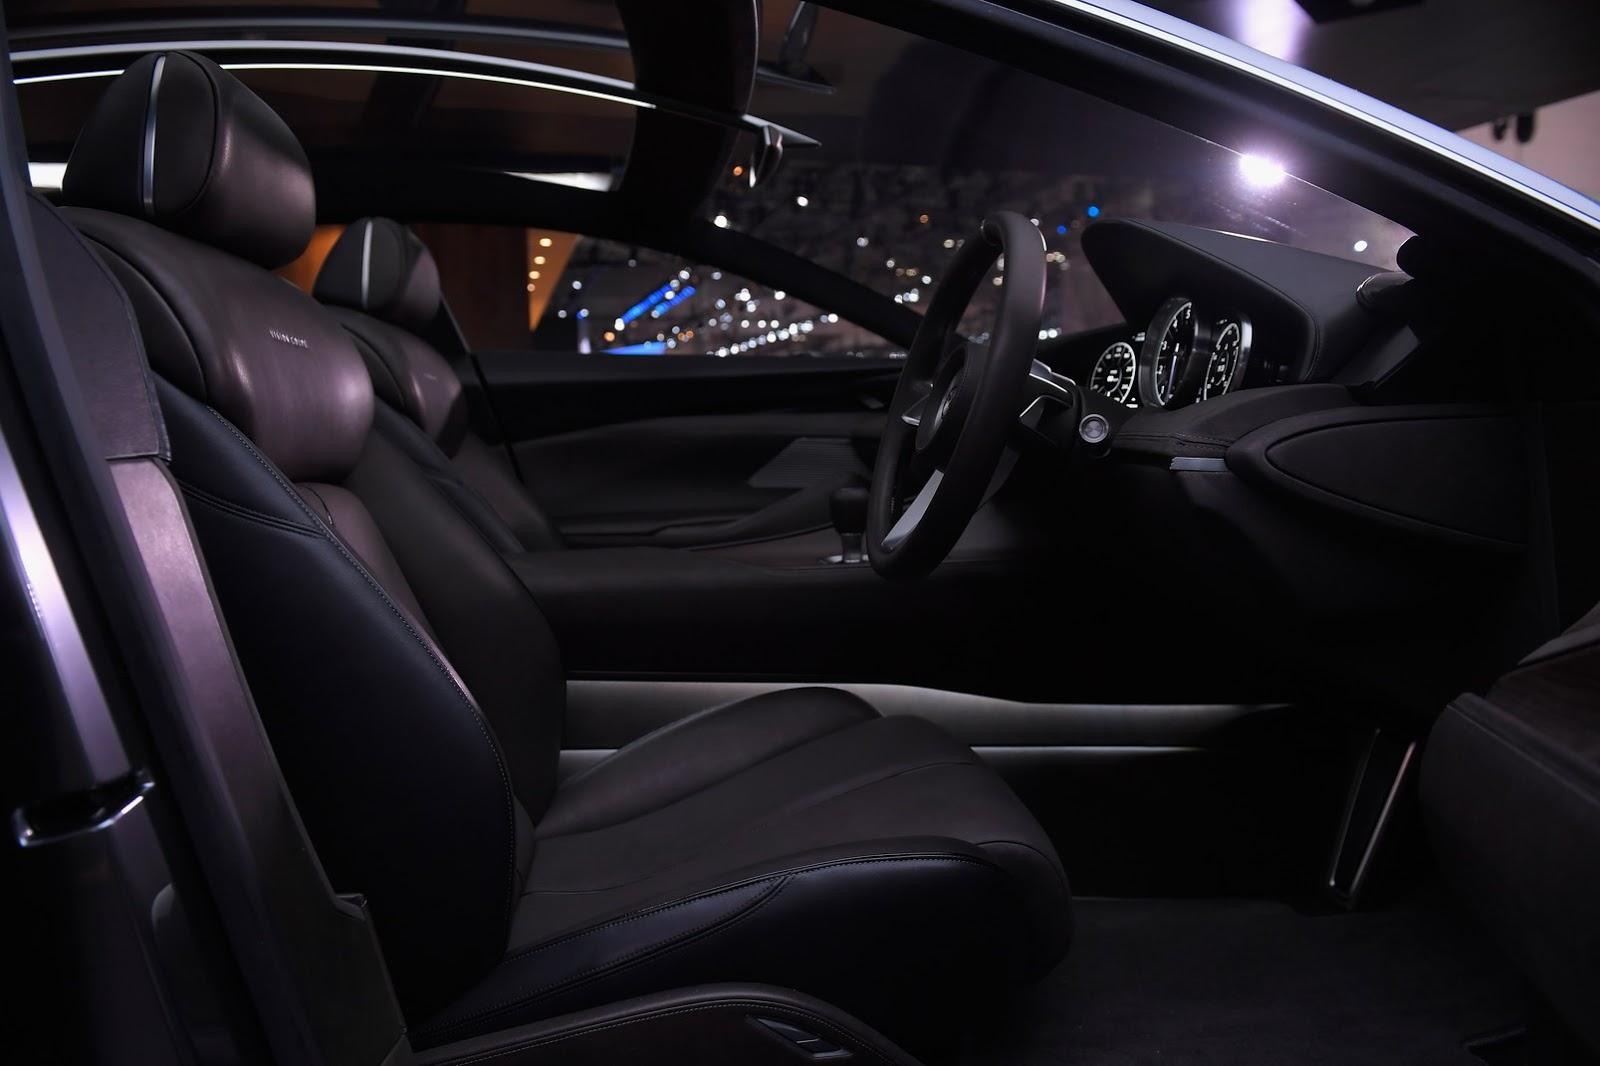 Mazda đang phát triển động cơ xăng và dầu 6 động cơ Skyactiv-X mới - 10